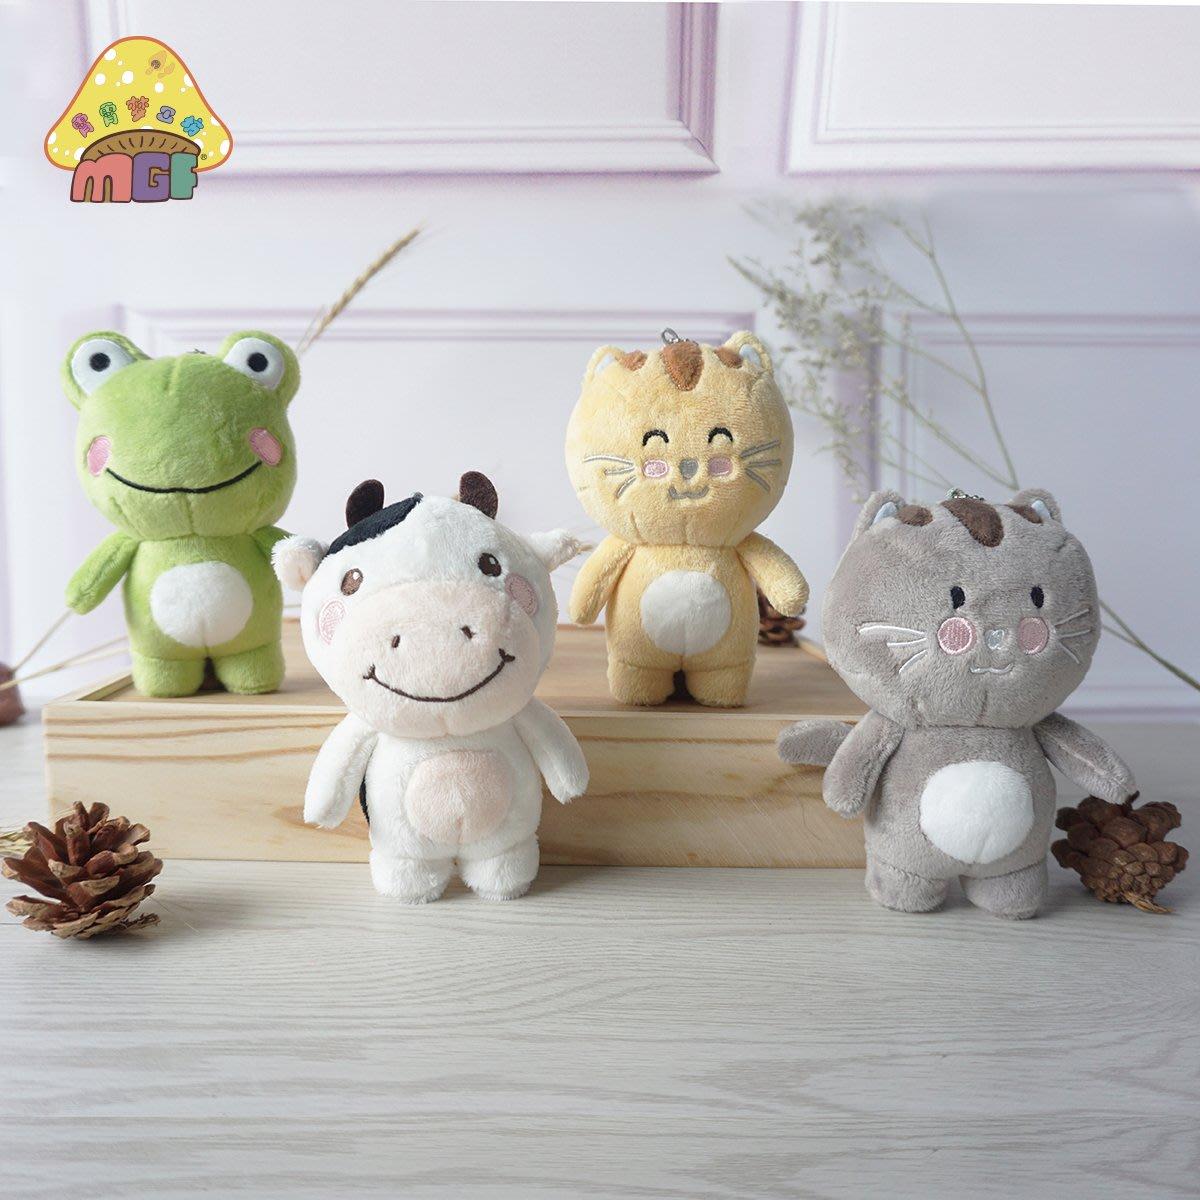 毛絨玩具奶牛青蛙貓咪書包掛件開學同學生日禮物禮物毛絨青蛙掛件